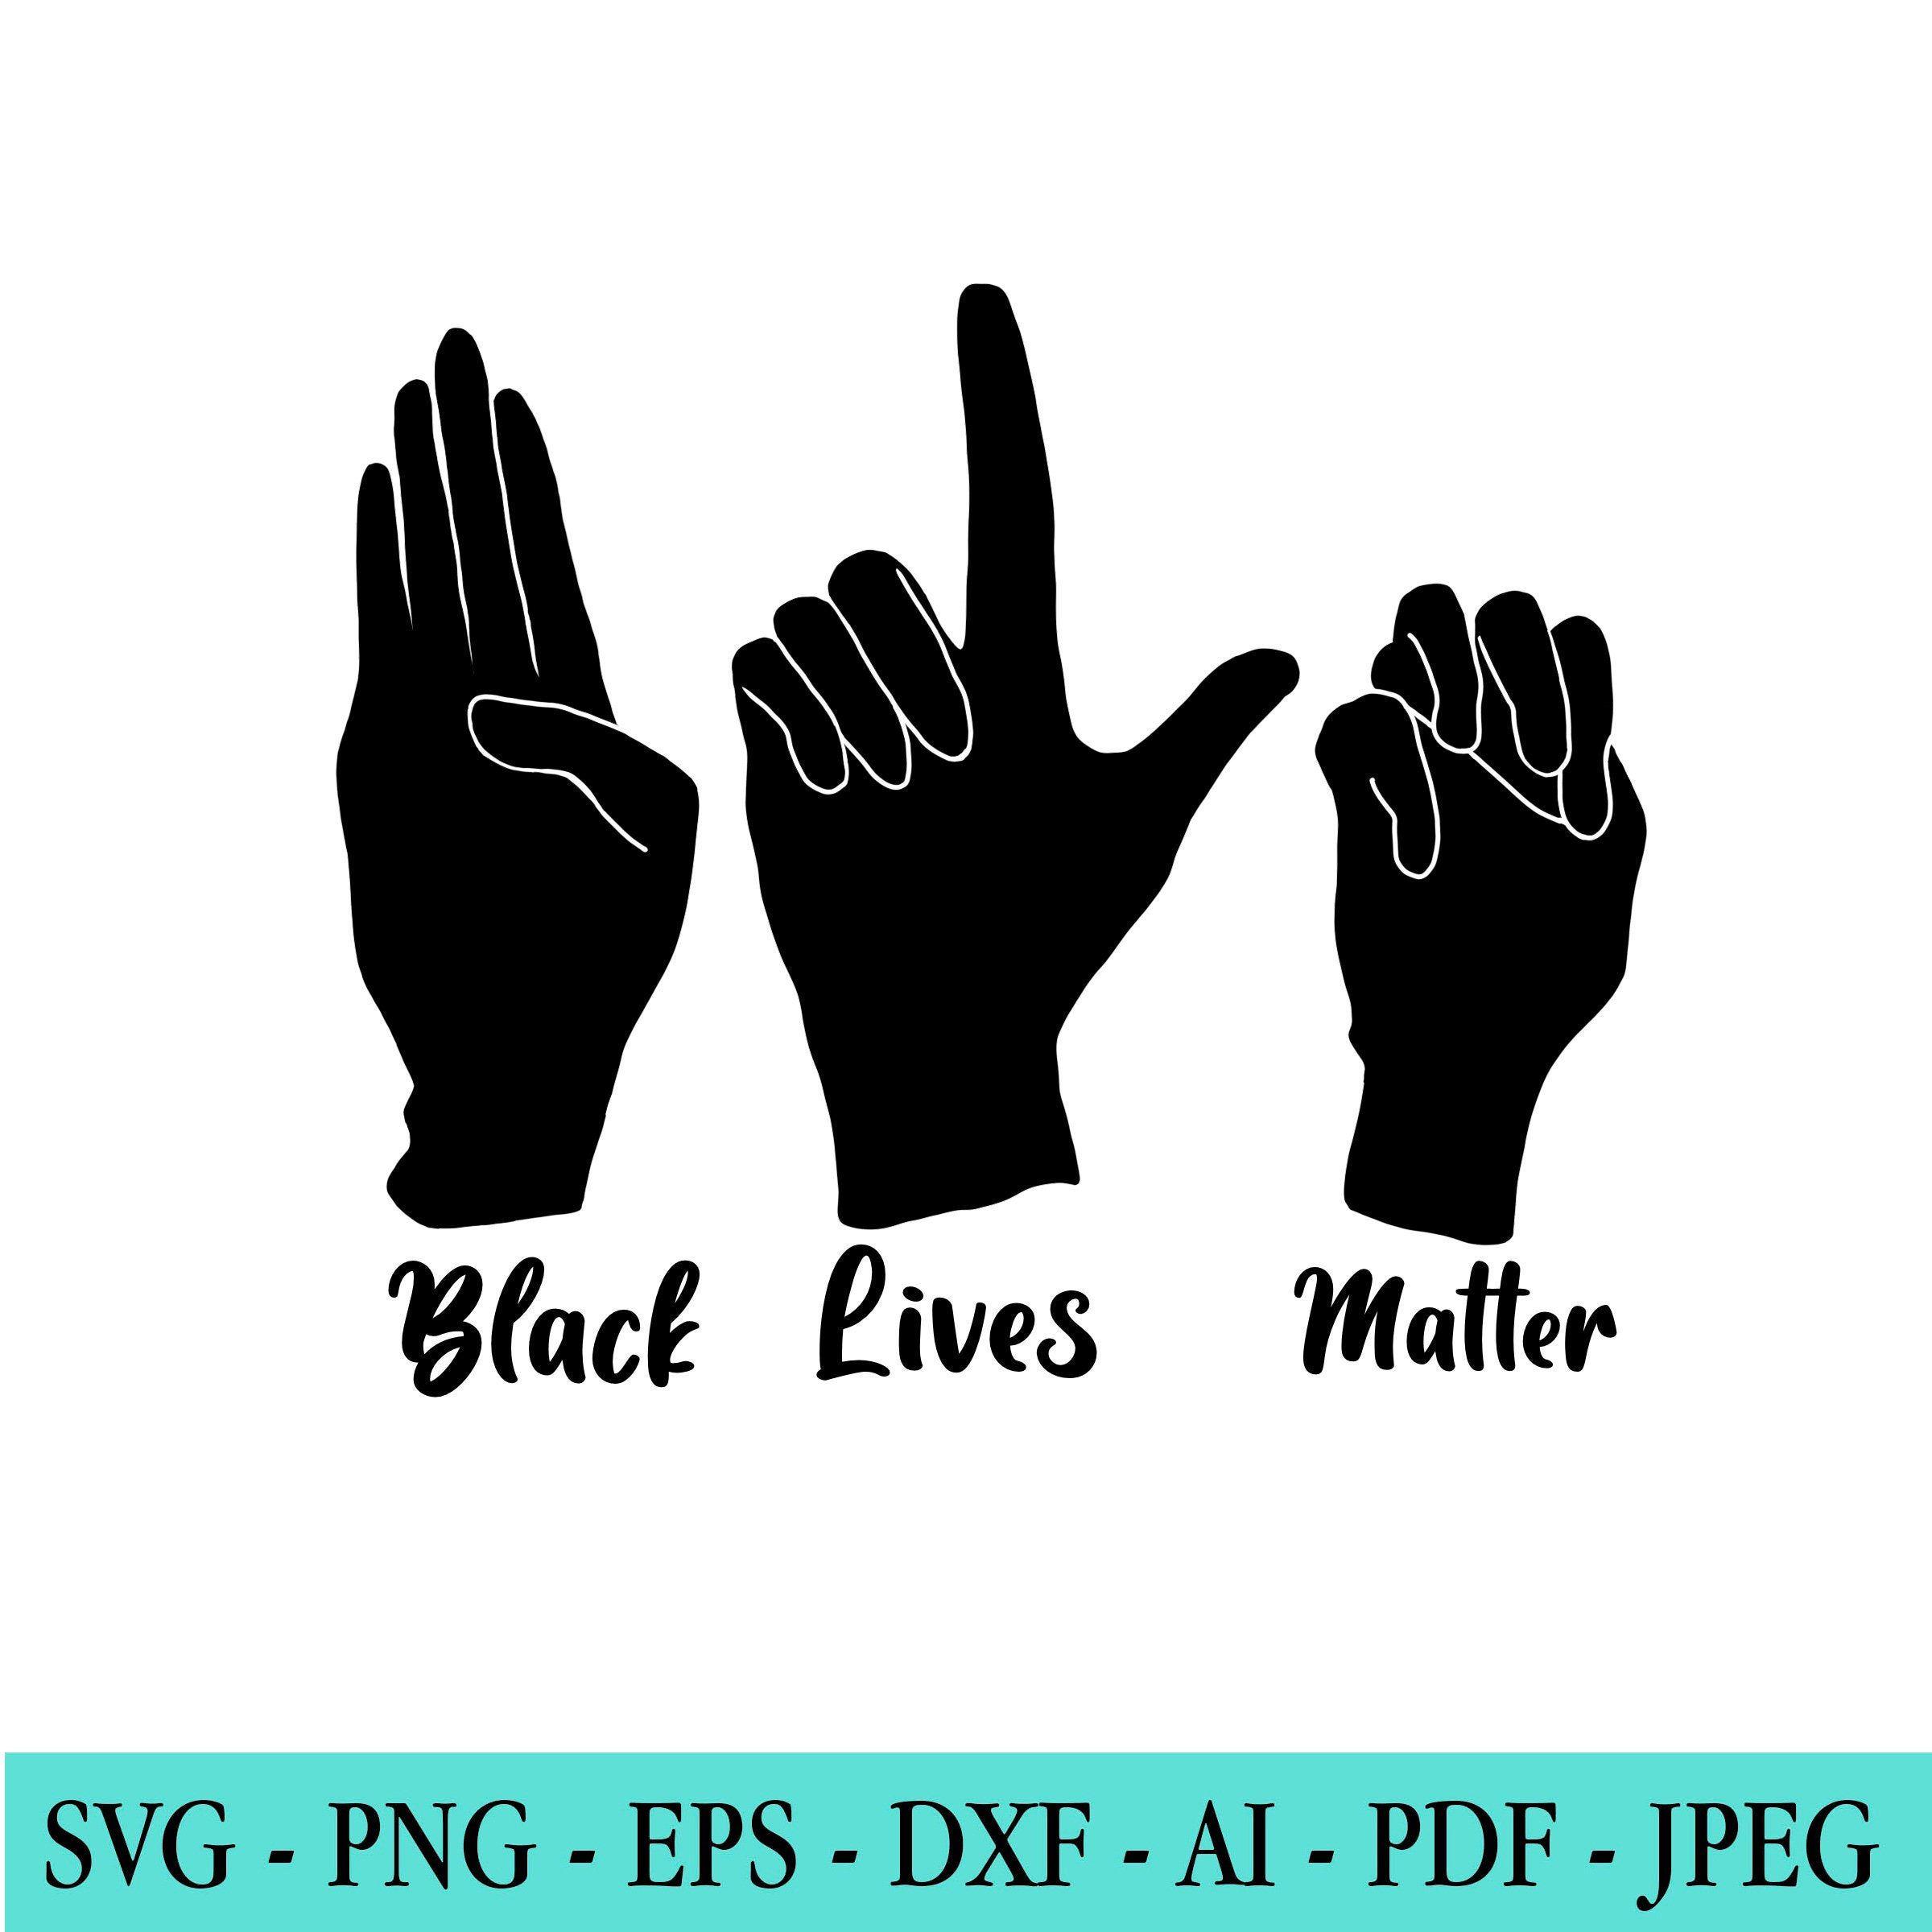 Pdf svg Black and proud Svg png Black svg Png eps Black Lives Matter Svg Silhouette Svg African American Svg Black history svg